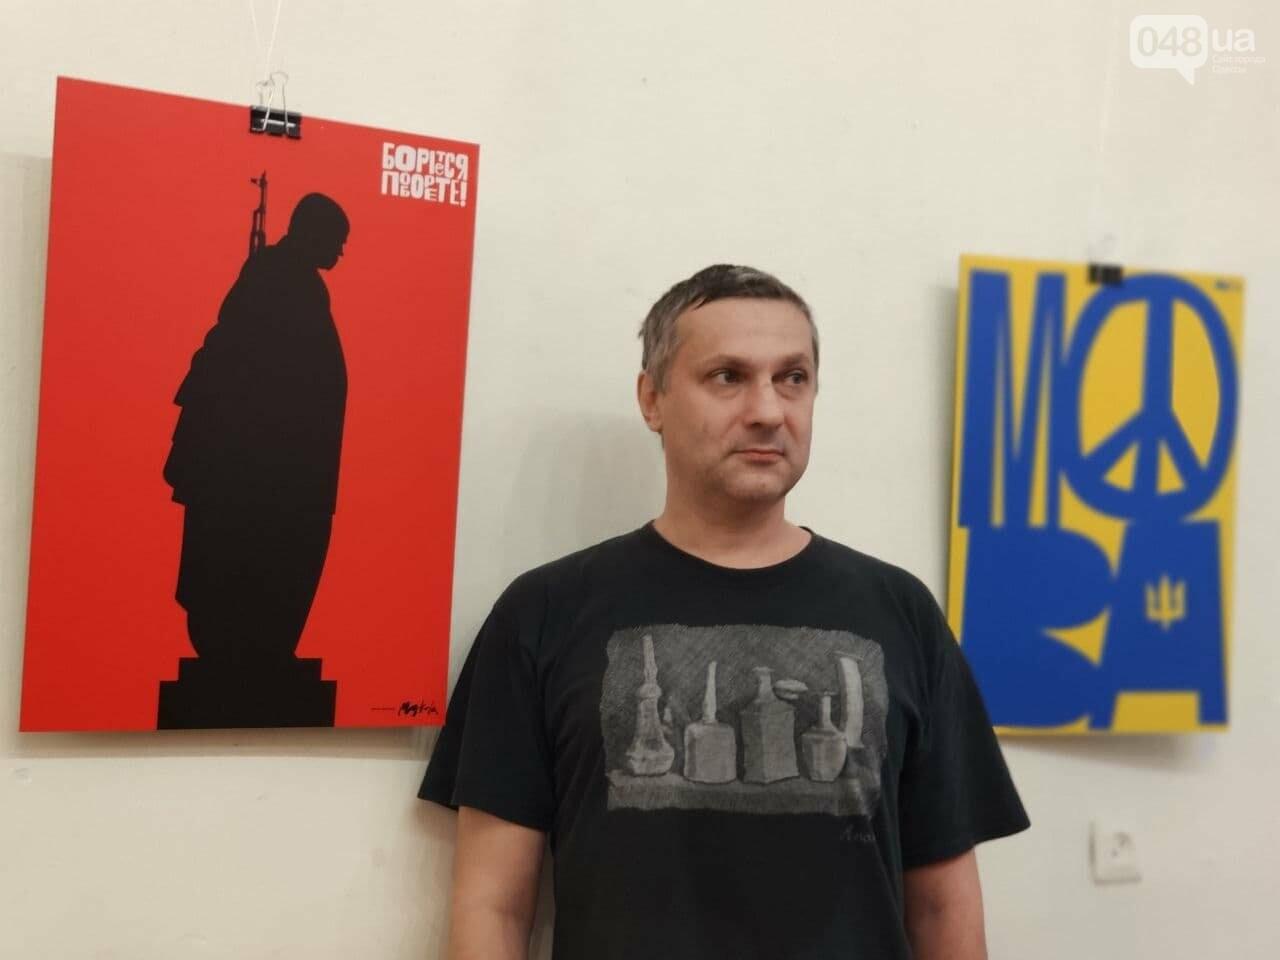 Рефлексия на события Майдана: в Одессе открылась выставка ко Дню Достоинства и Свободы, - ФОТОРЕПОТАЖ, фото-1